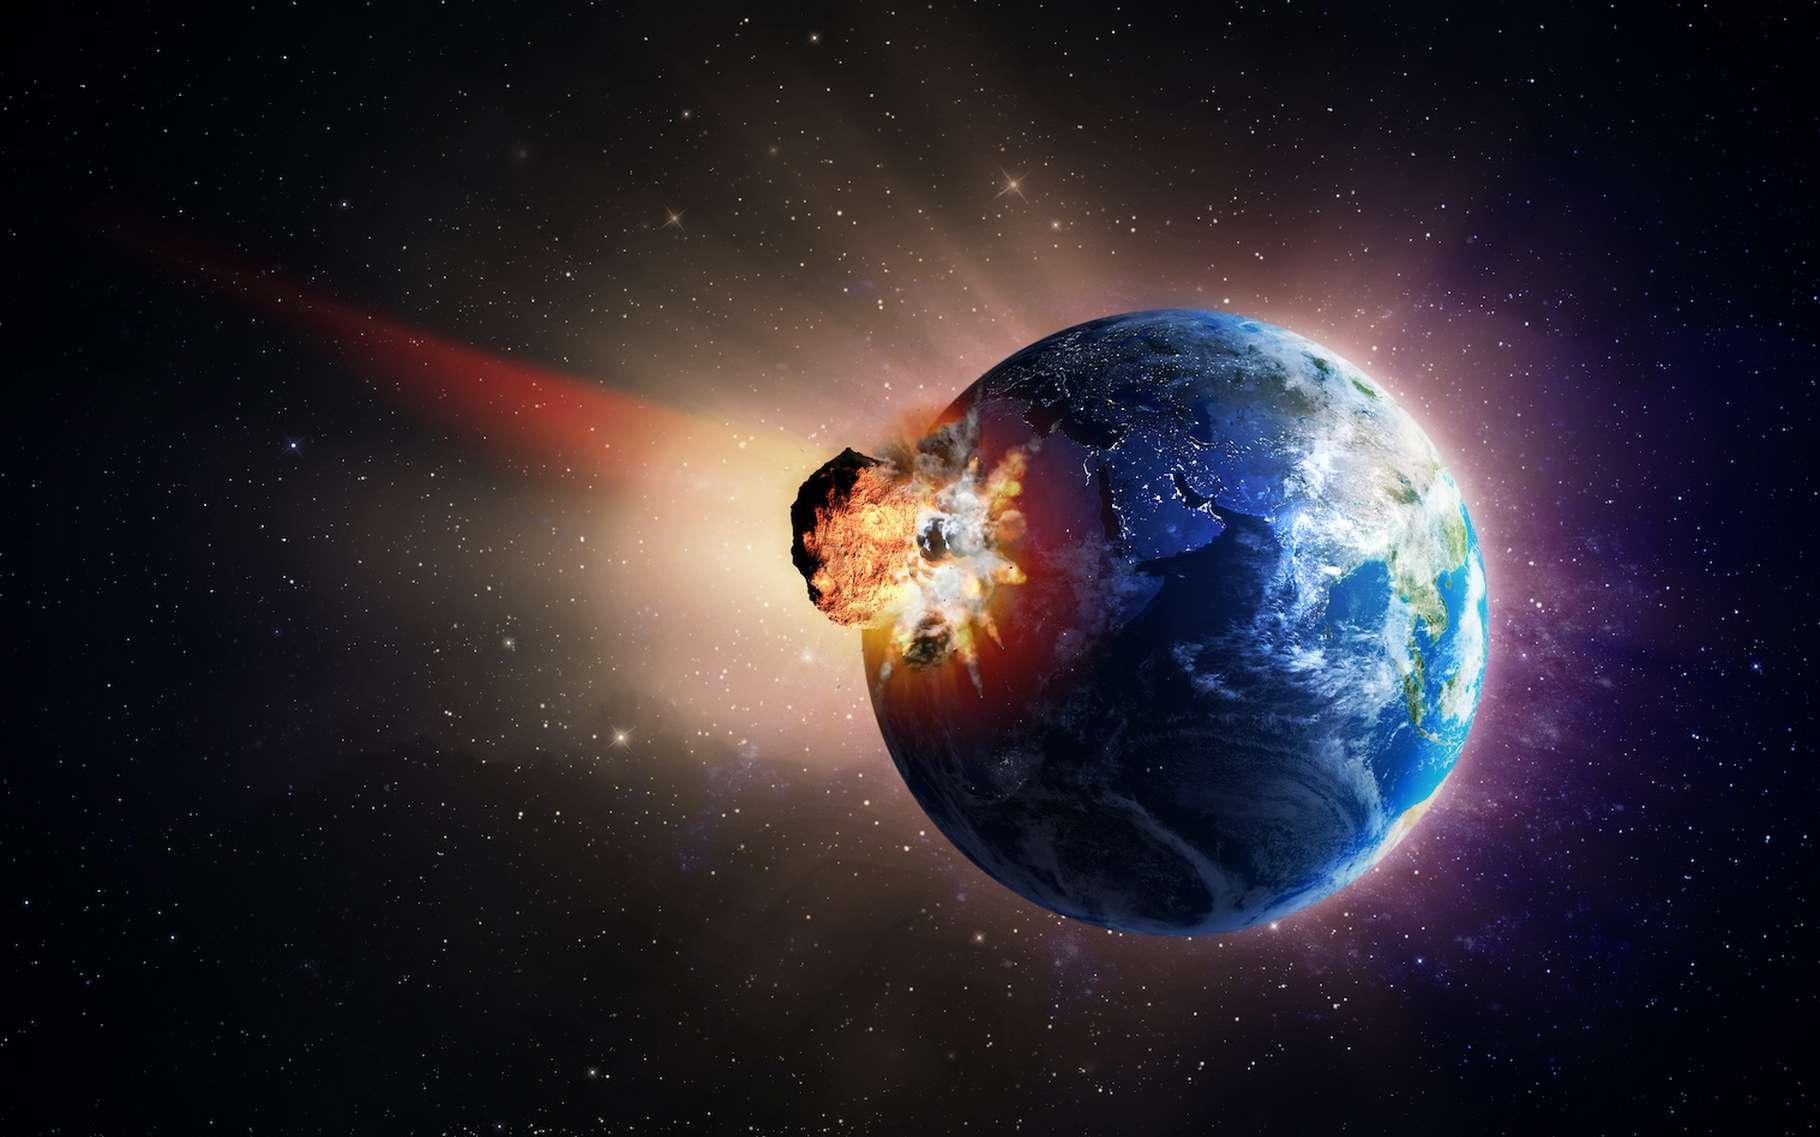 L'astéroïde qui s'est écrasé du côté de Chicxulub a causé l'extinction des dinosaures. Mais d'autres, tombés plus tôt, ont peut-être créé les conditions propices à l'apparition de la vie sur Terre. © Mopic, Adobe Stock